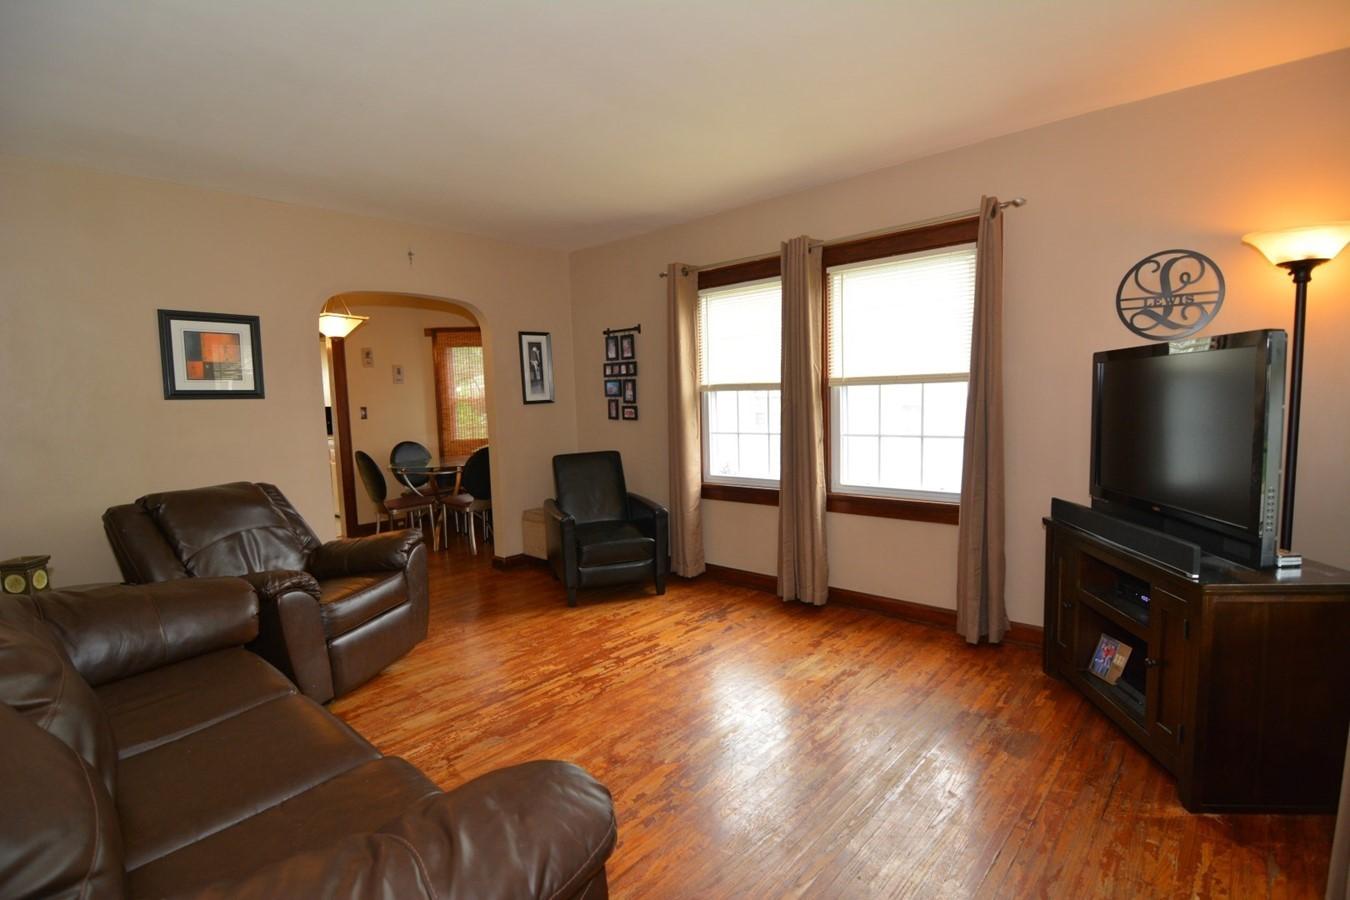 5611 sheldon road - 538 Van Dusen Ave Evansville In 2 Bedroom 1 Bath Home 538 Van Dusen Avenue Evansville In 47710